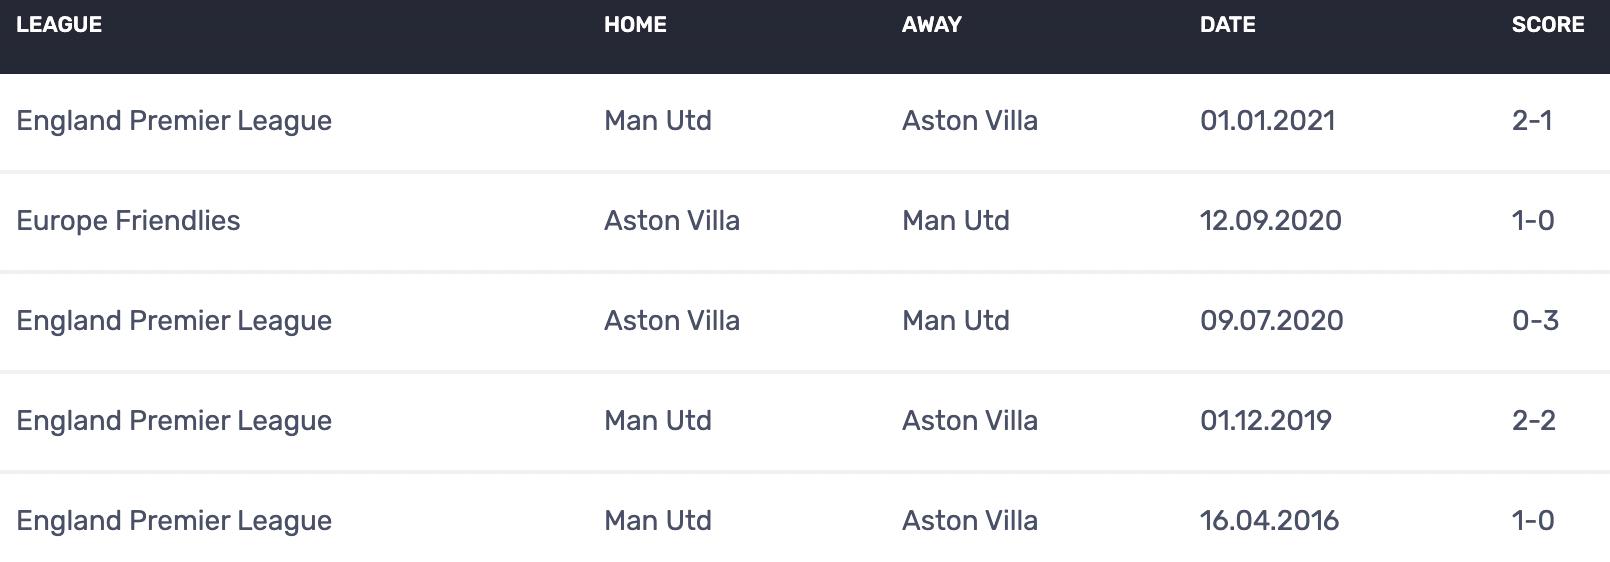 Soi kèo bóng đá hôm nay Aston Villa vs Manchester United, 20h05, 09/05/2021